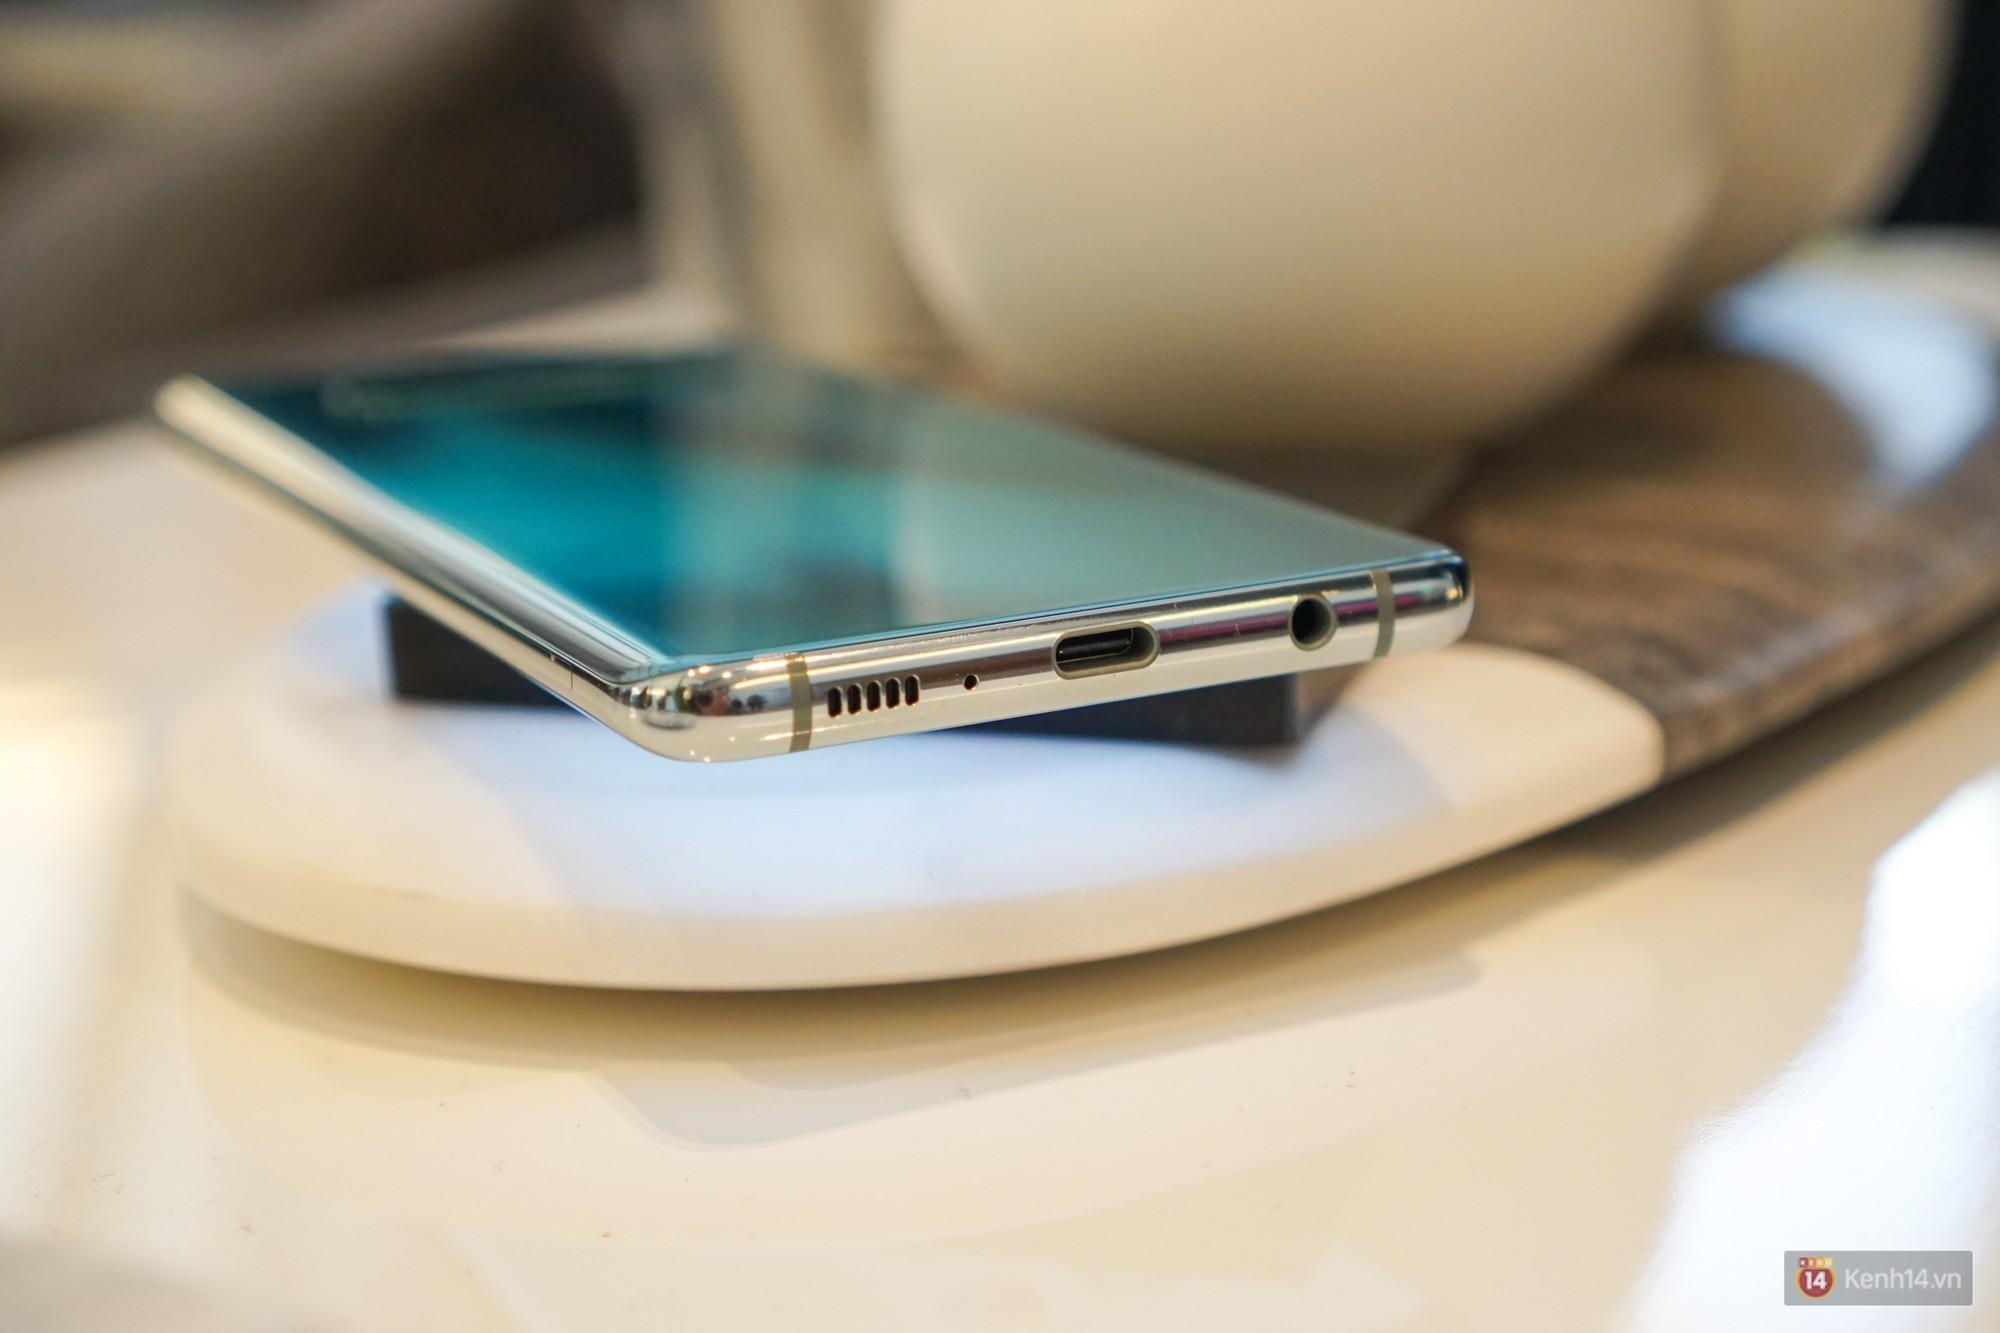 Trên tay Galaxy S10/S10+ giá từ 21 triệu: Như này không đẹp thì không biết thế nào mới được coi là đẹp - Ảnh 4.